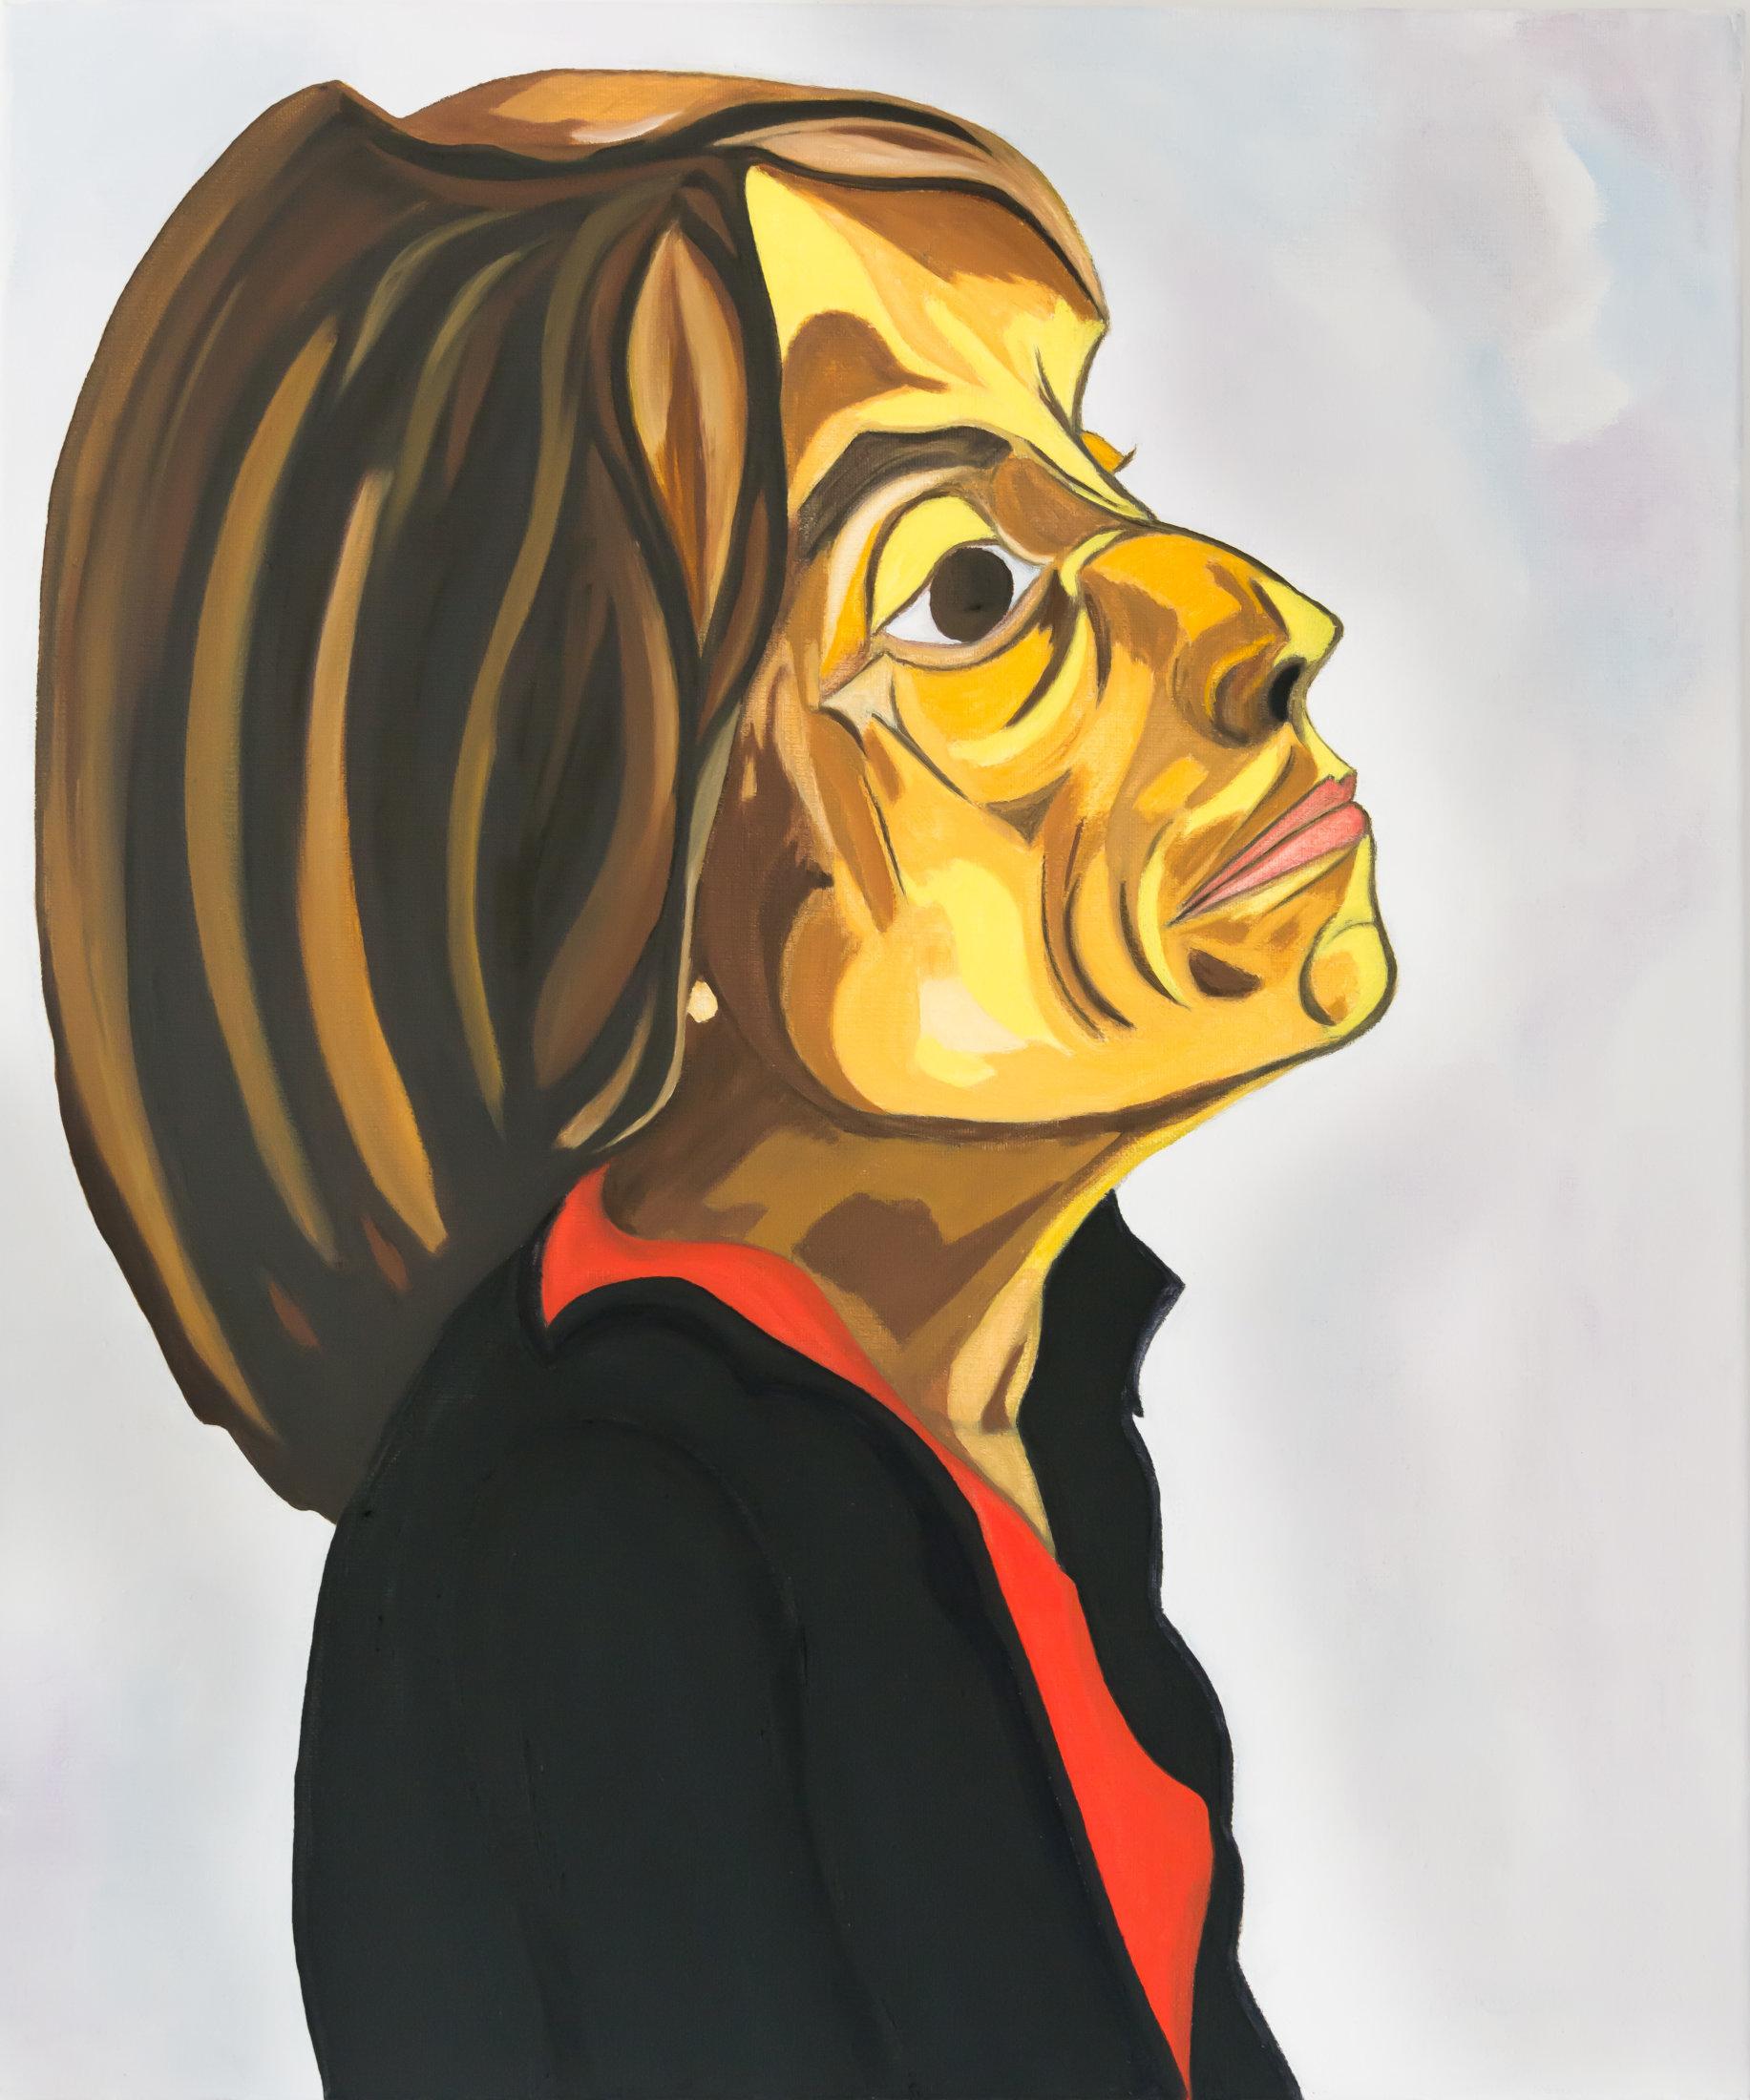 Portrait d'un buste de femme, aux cheveux courts, en veste noire.